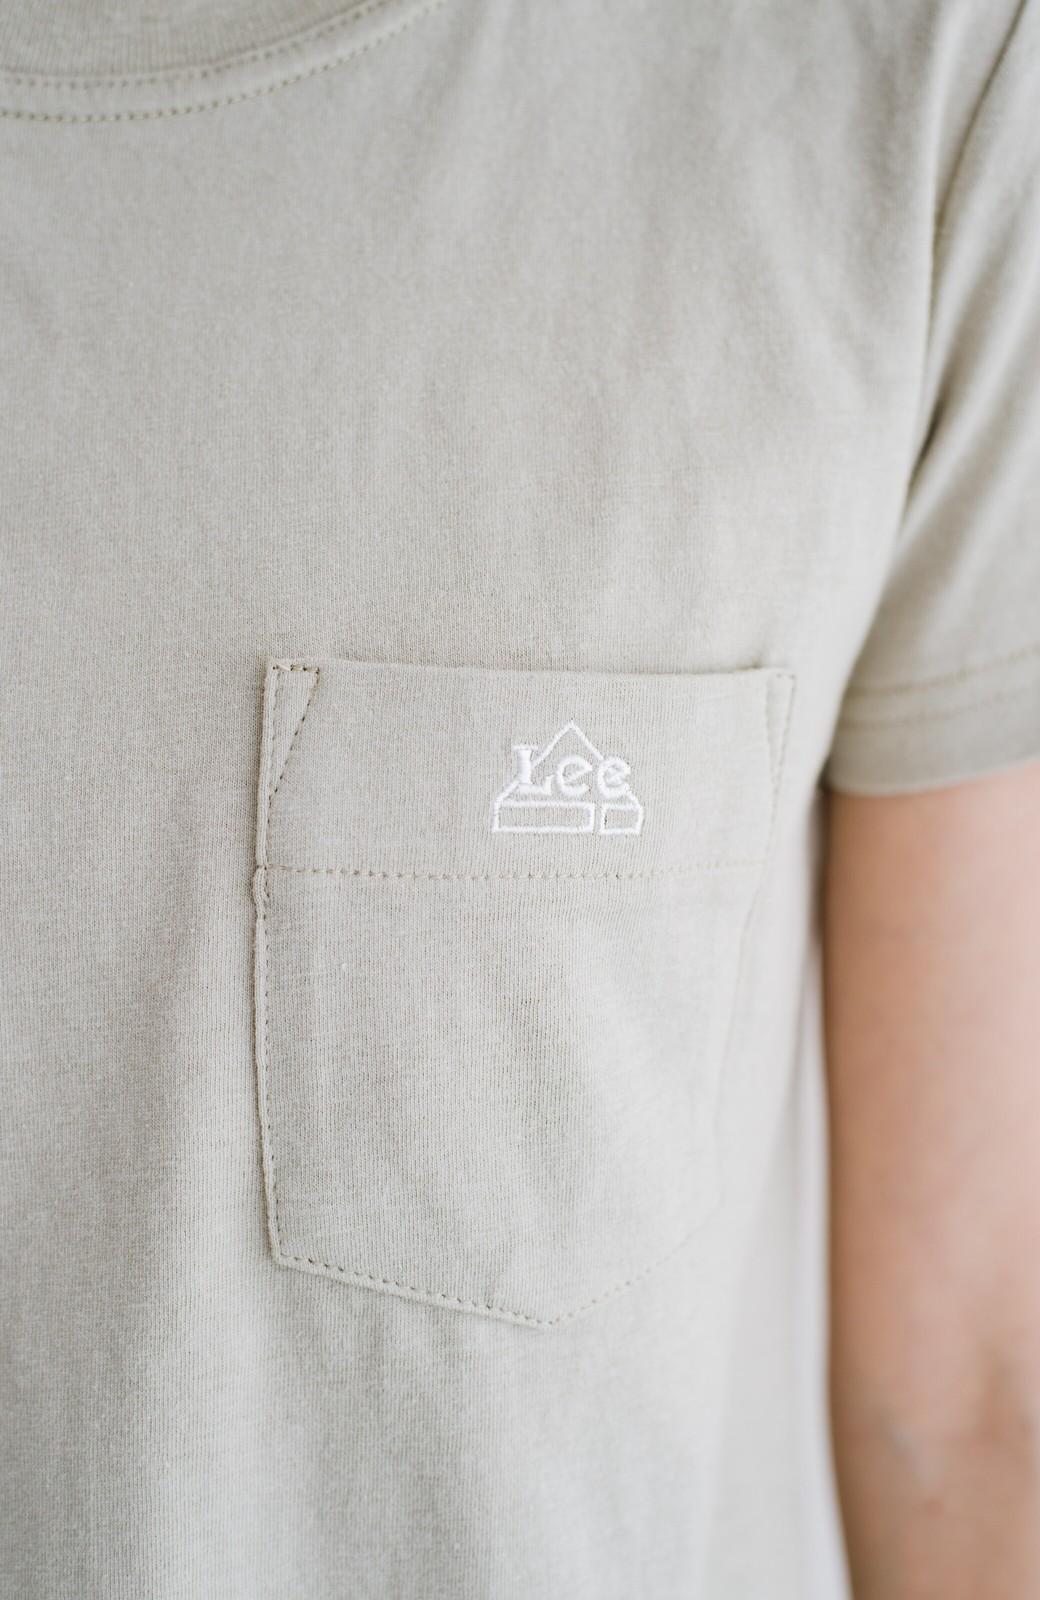 haco! Lady Lee ポケット付きコンパクトフィットTシャツ <ベージュ>の商品写真2